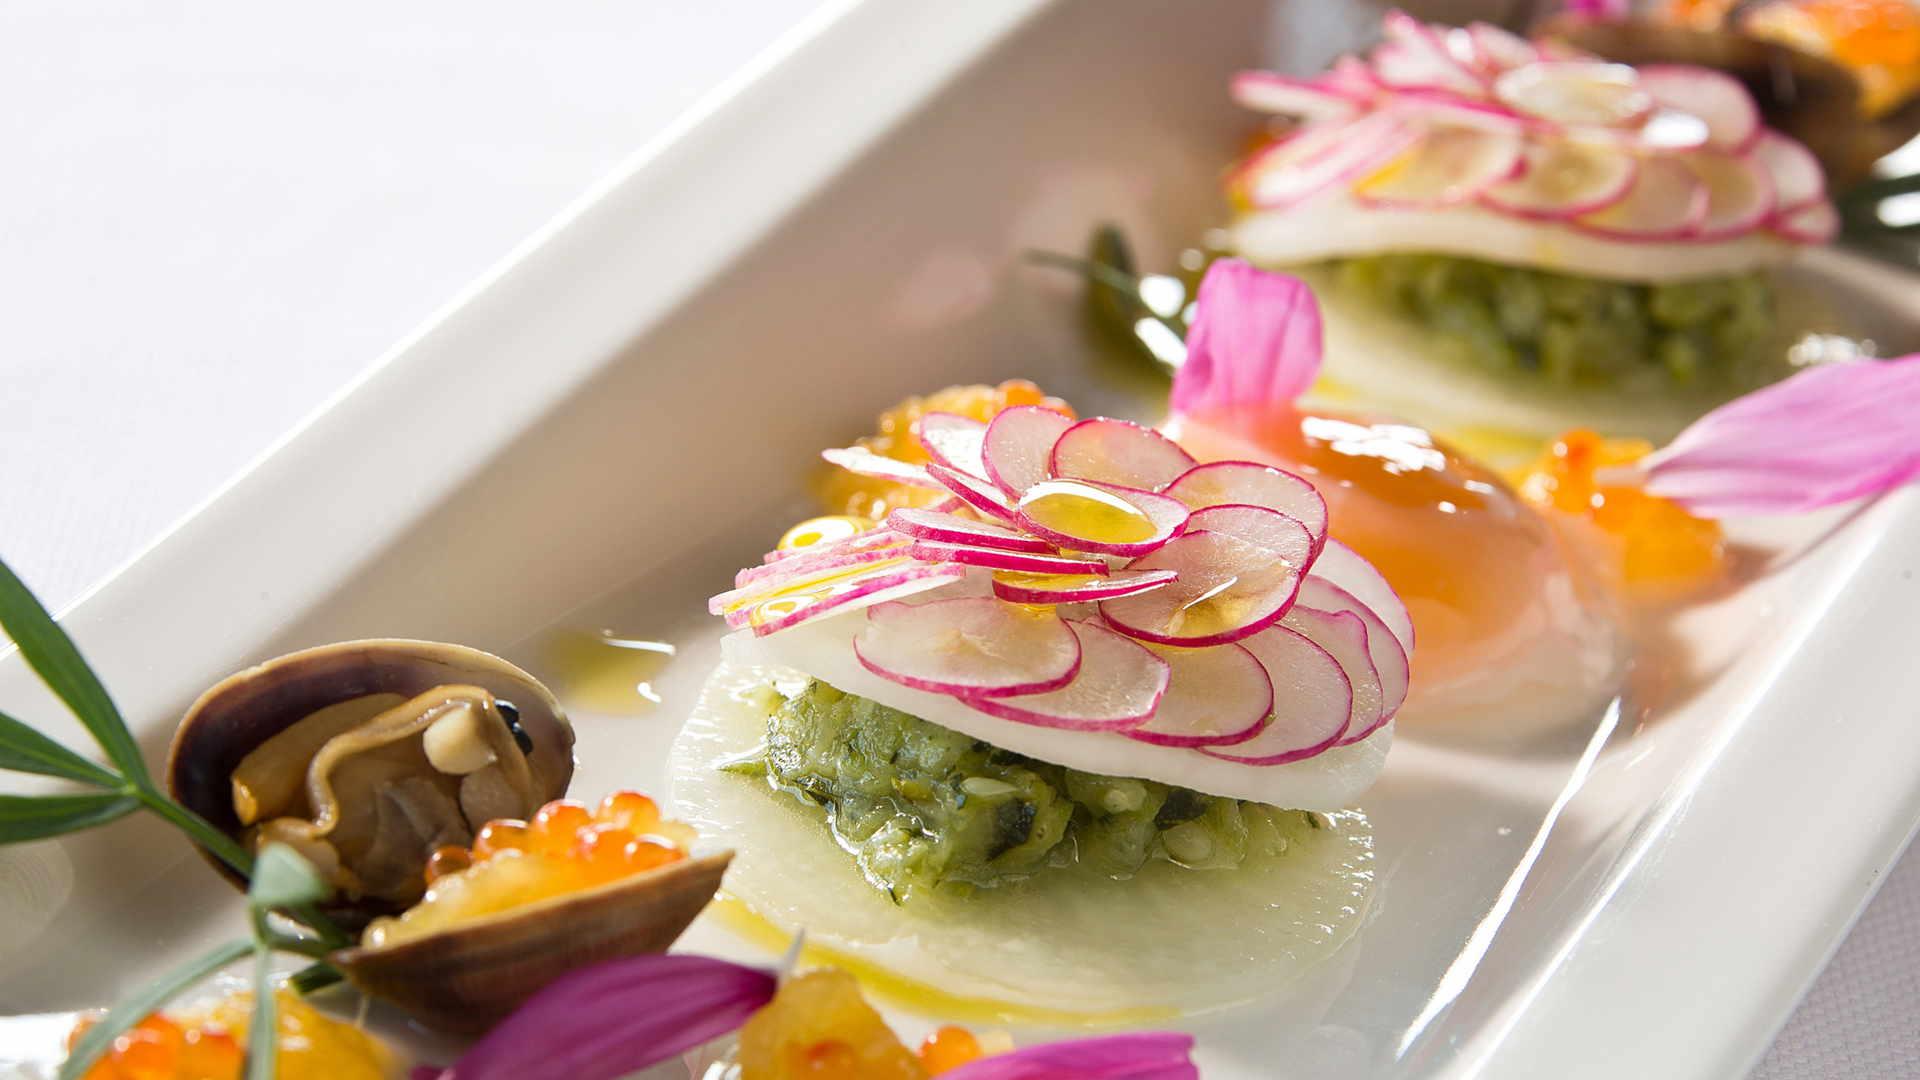 Plat gastronomique, restaurant gastronomique Baux de Provence, Le pré Gourmand